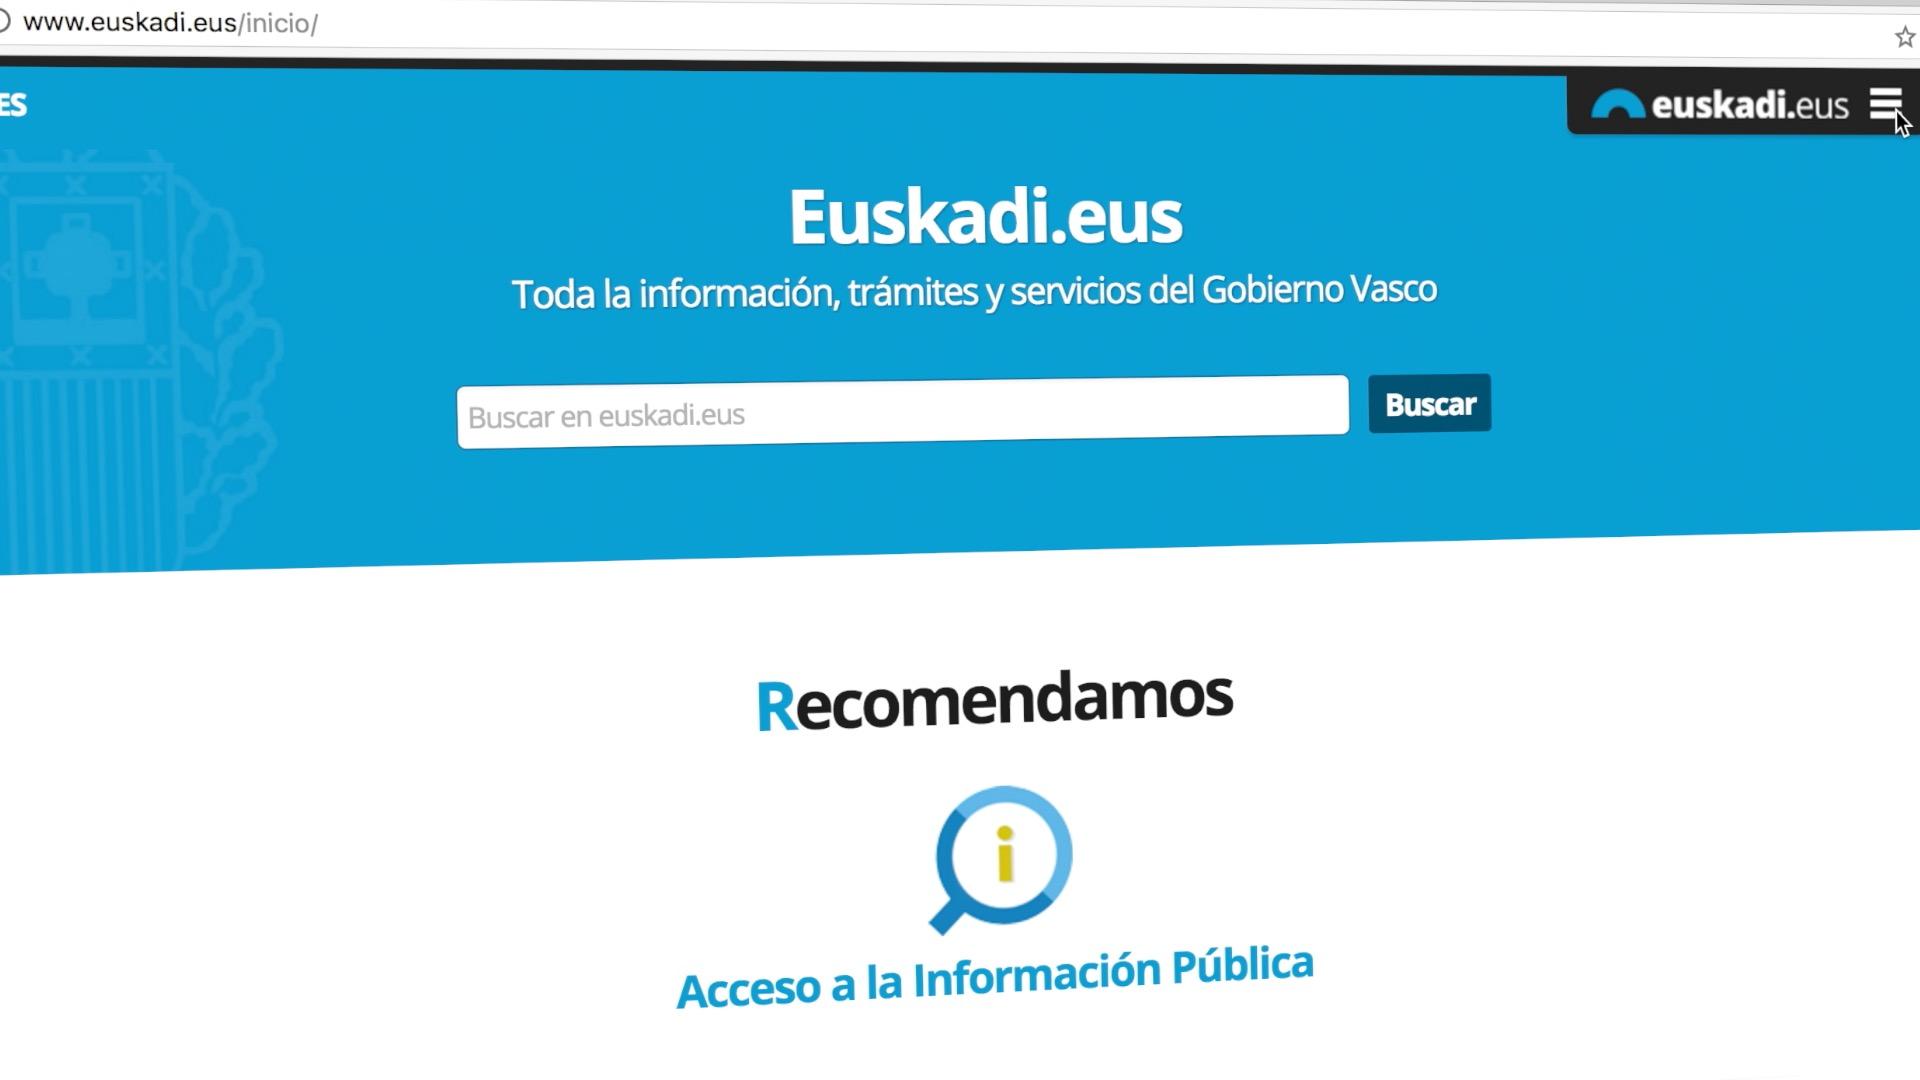 El Gobierno Vasco anima a la ciudadanía a ejercer el derecho de acceso a la información pública